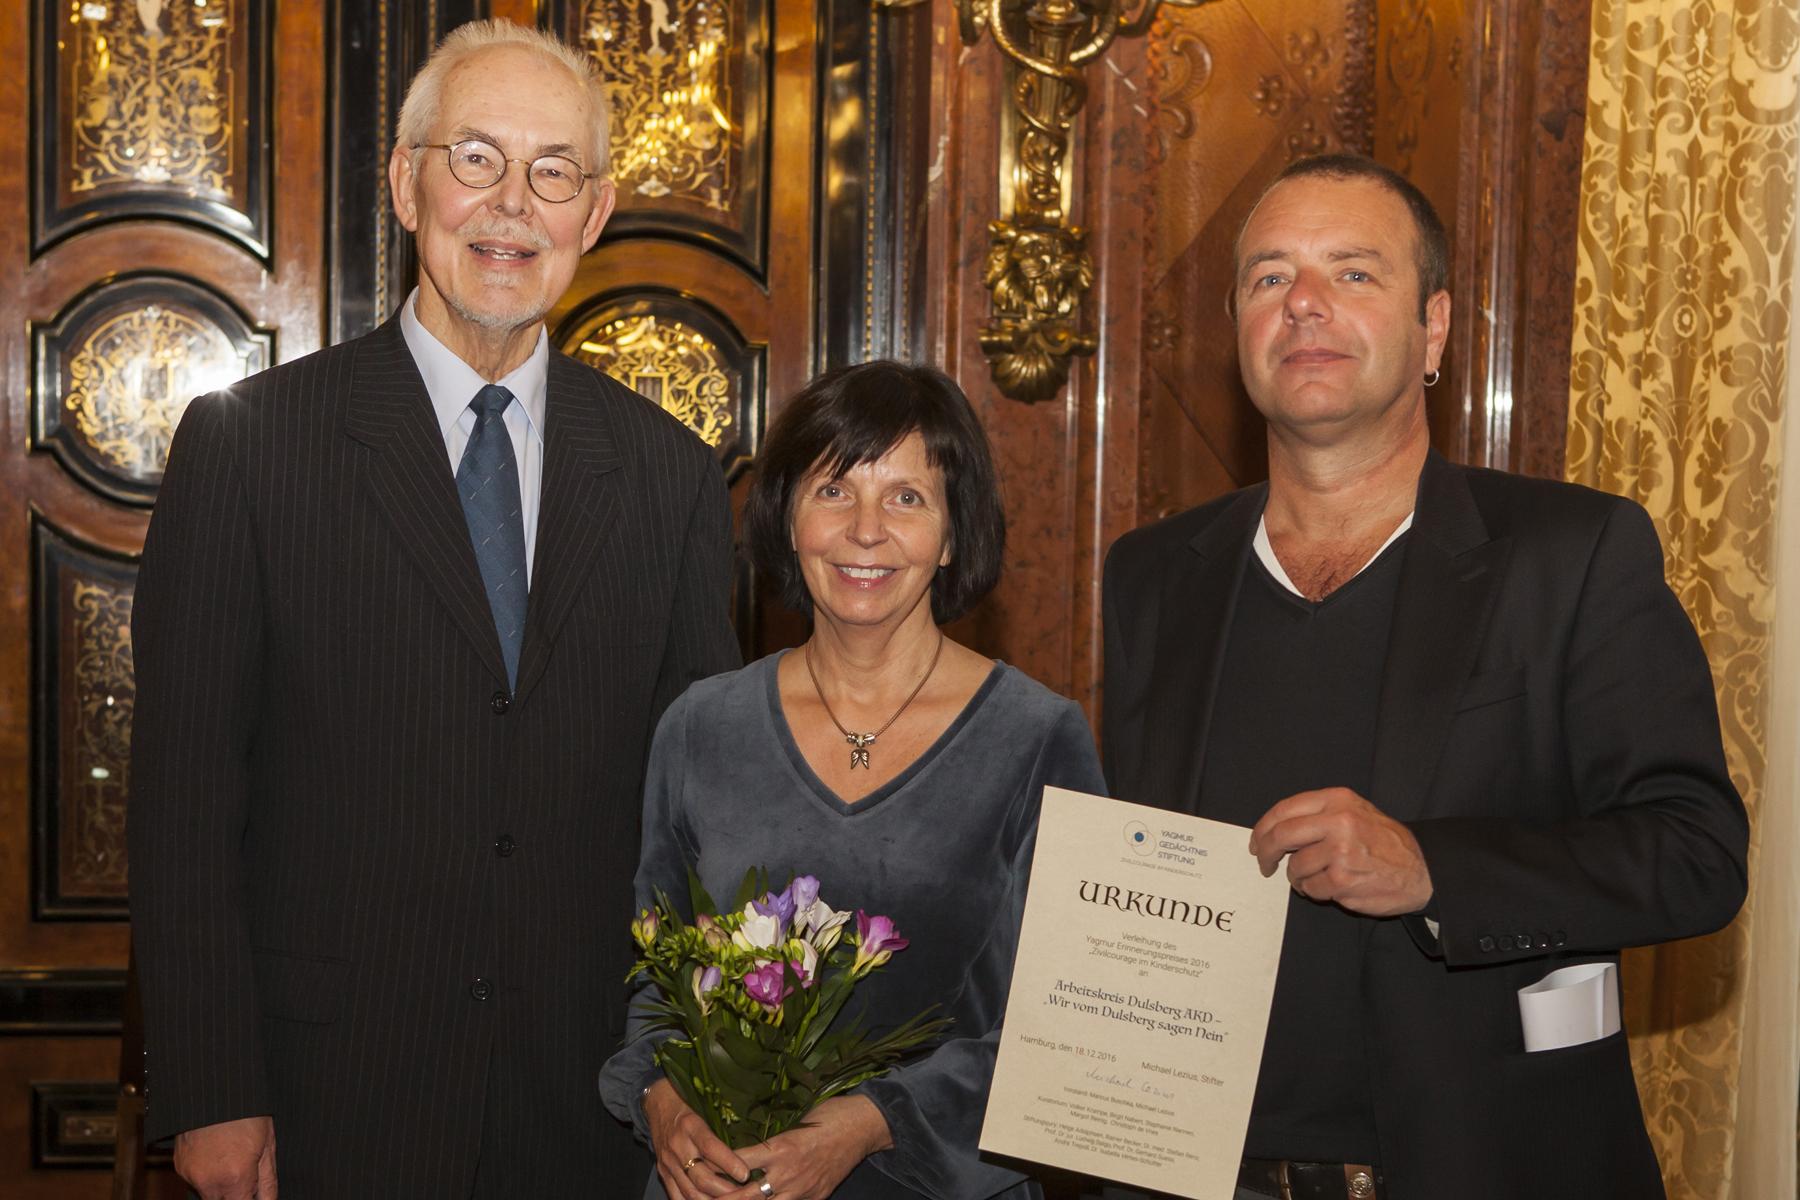 Petra Daszkowski und Jürgen Fiedler vom Arbeitskreis Dulsberg nahmen stellvertretend den Yagmur-Erinnerungspreis 2016 entgegen, den Michael Lezius (links) gestiftet hat. Foto: Nilay Pavlovic